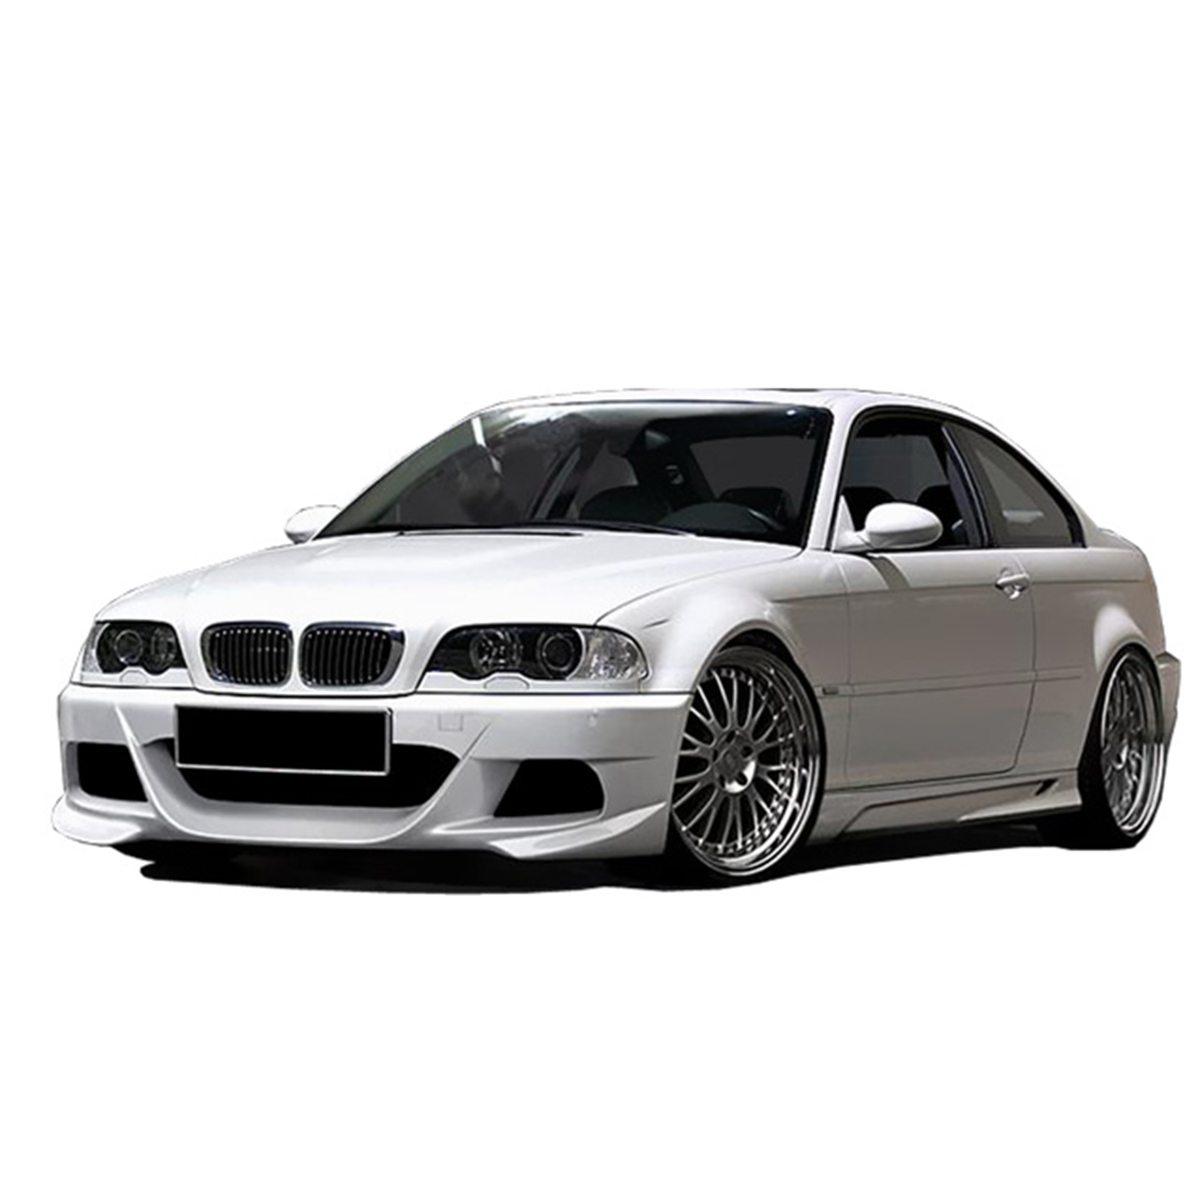 BMW-E46-Coupe-frt-PCS028